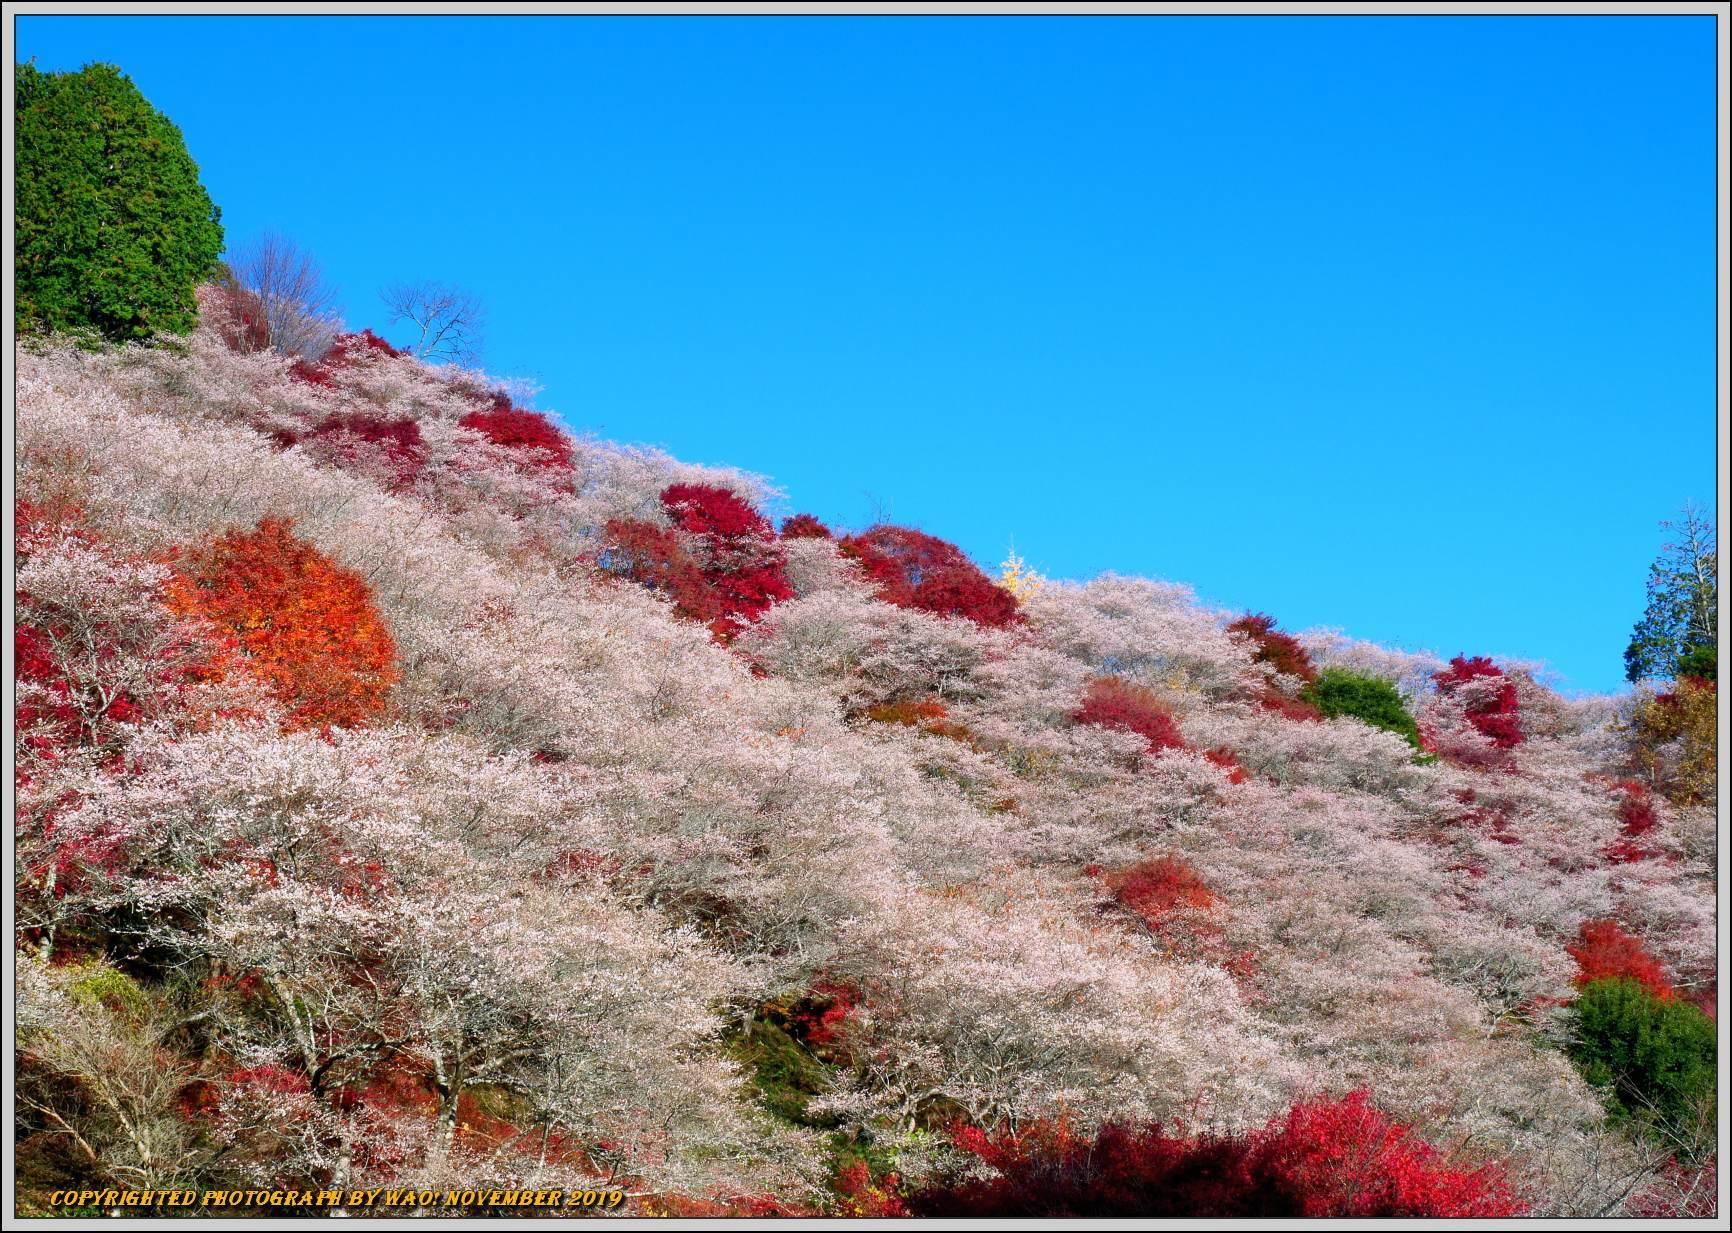 四季桜とモミジのコラボレーション-1_c0198669_15545203.jpg